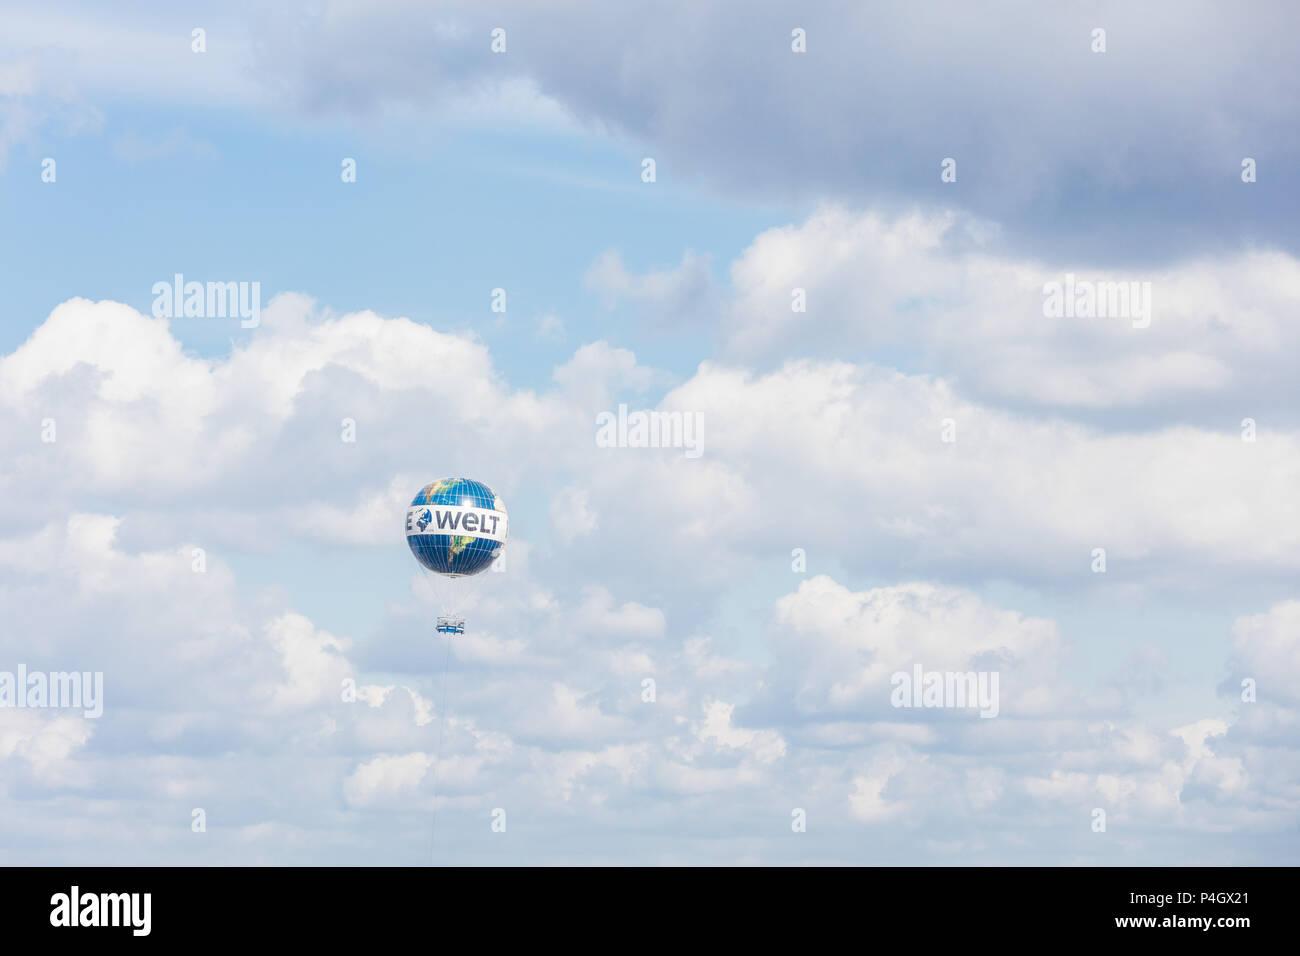 """Berlin, Deutschland, fesselballon mit Werbung für die Tageszeitung """"Die Welt"""" am Himmel Stockbild"""